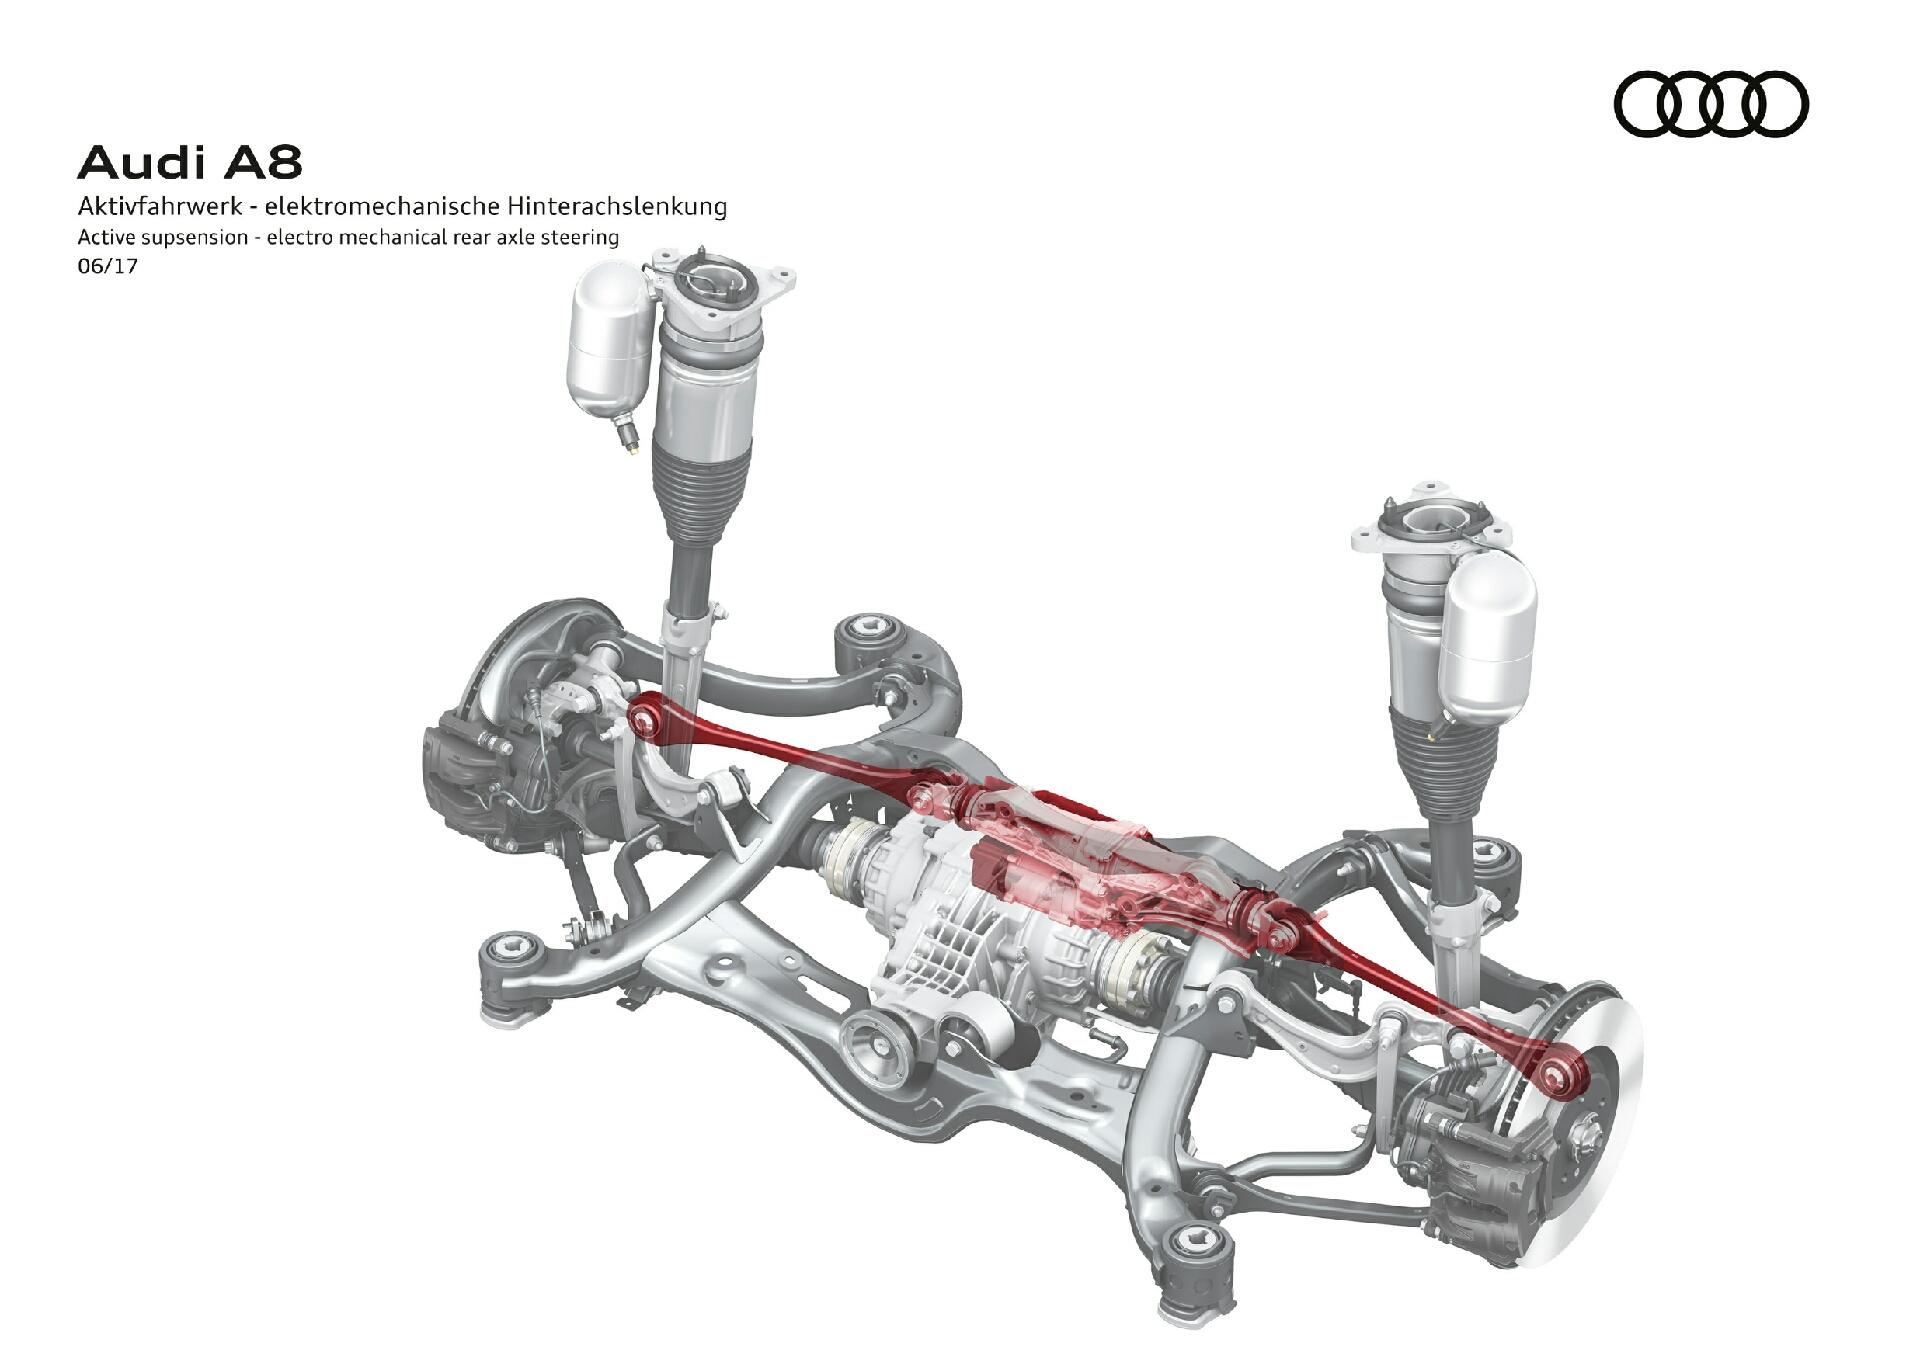 активная подвеска Audi A8